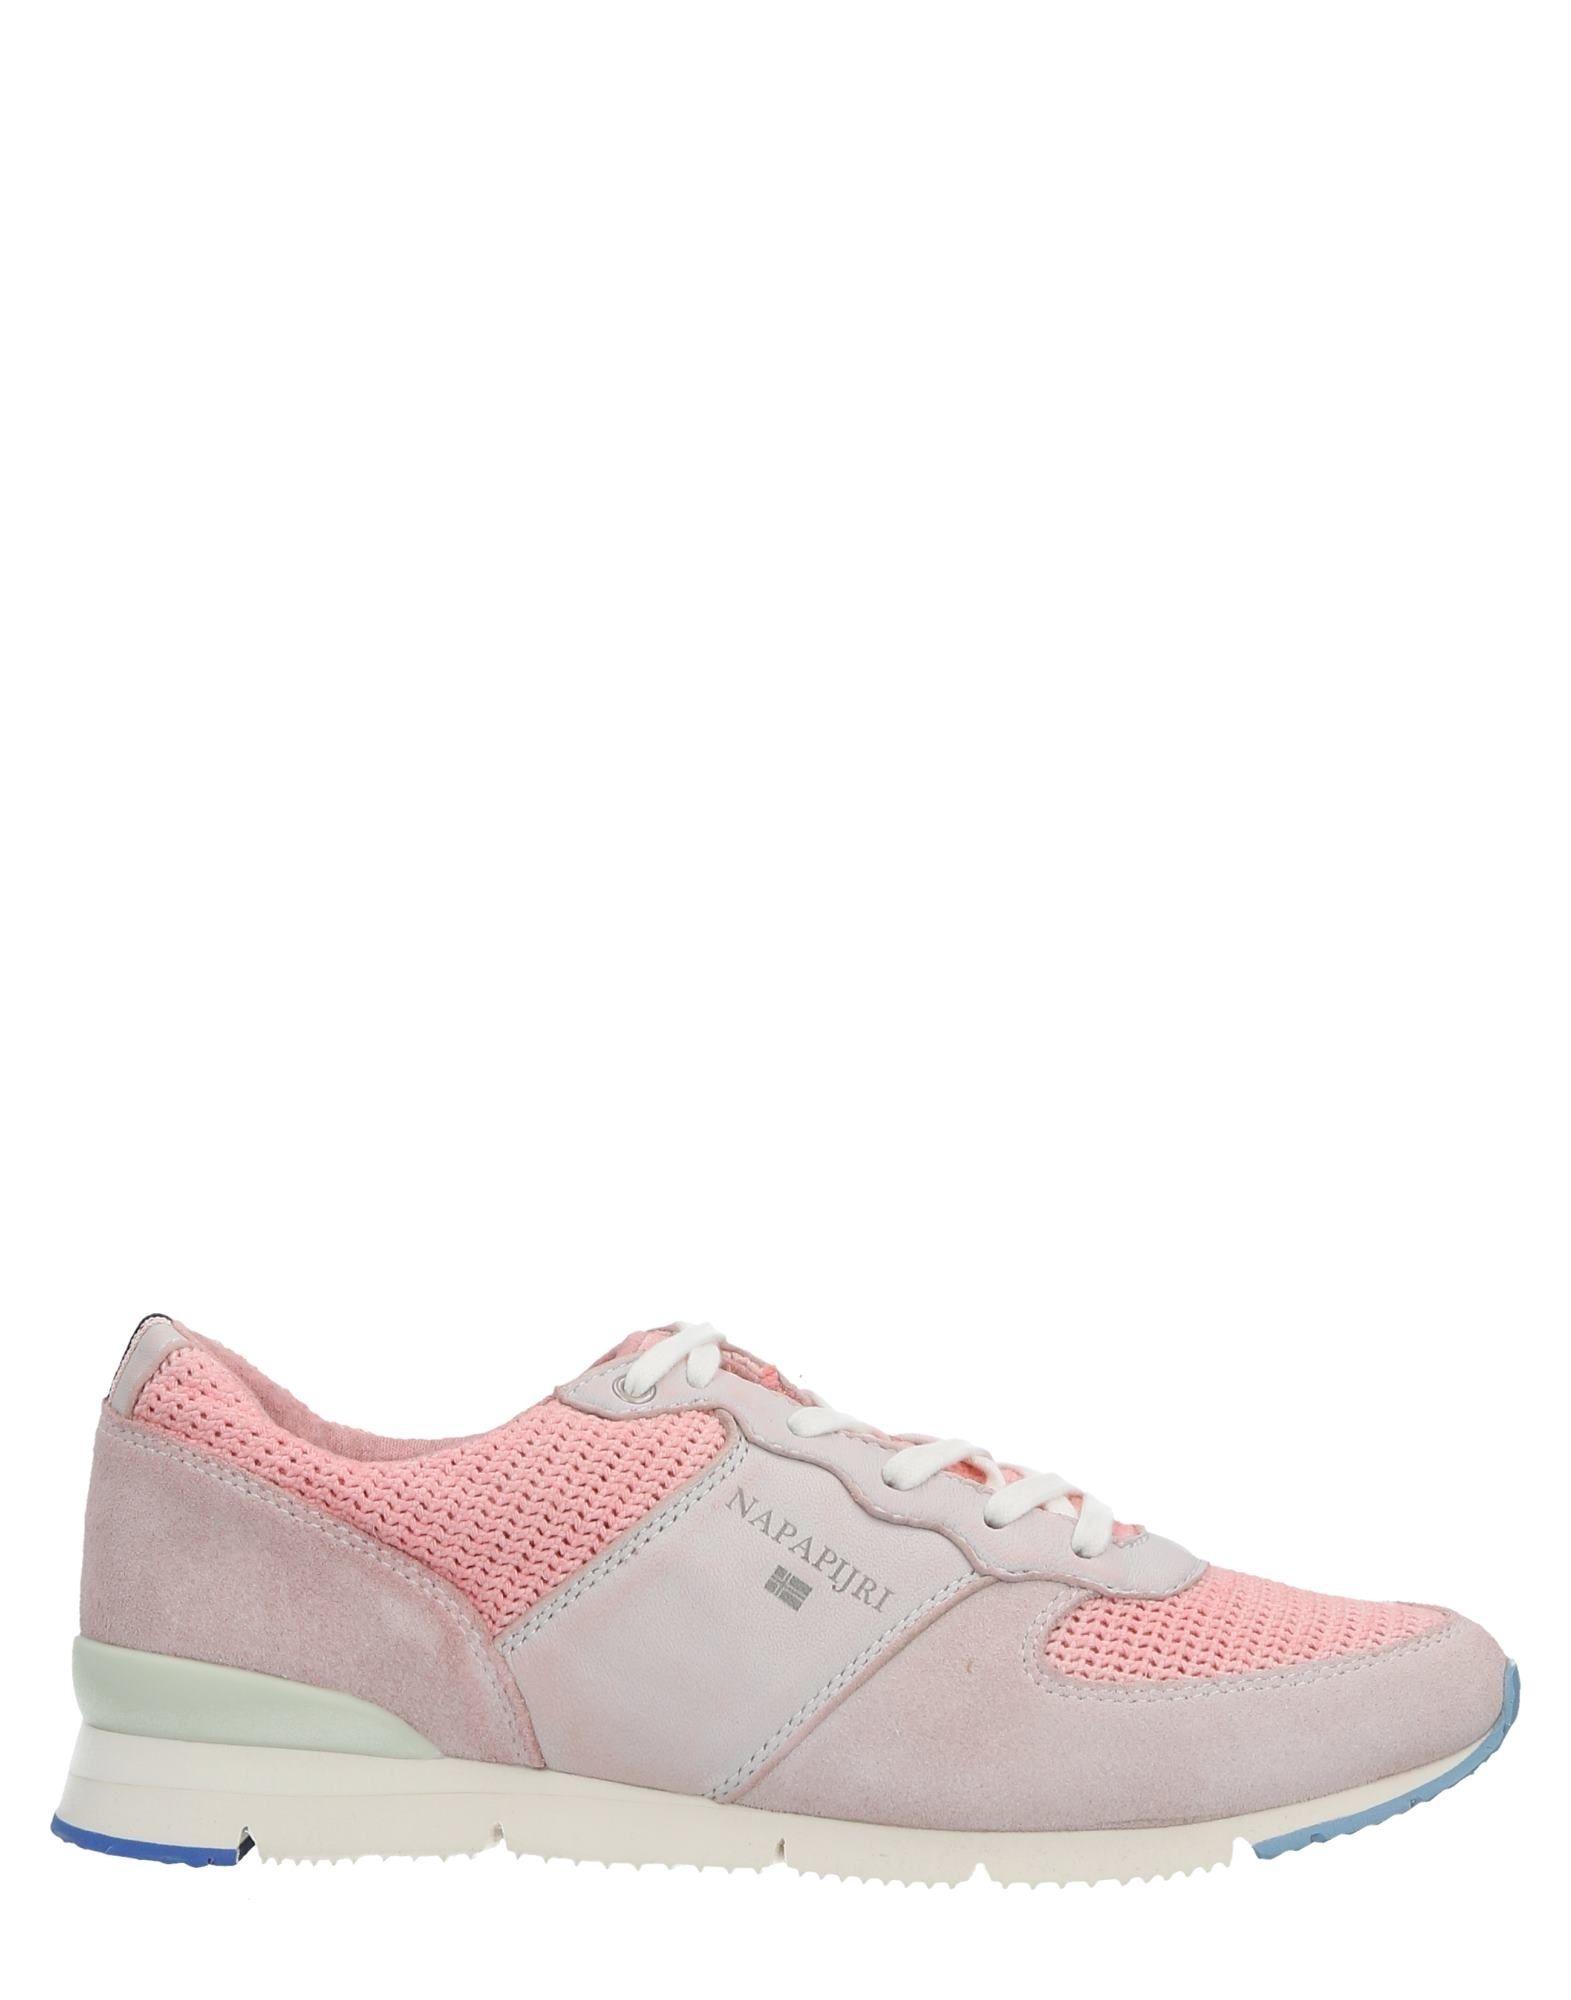 Sneakers Napapijri Donna - 11508872XR Scarpe economiche e buone